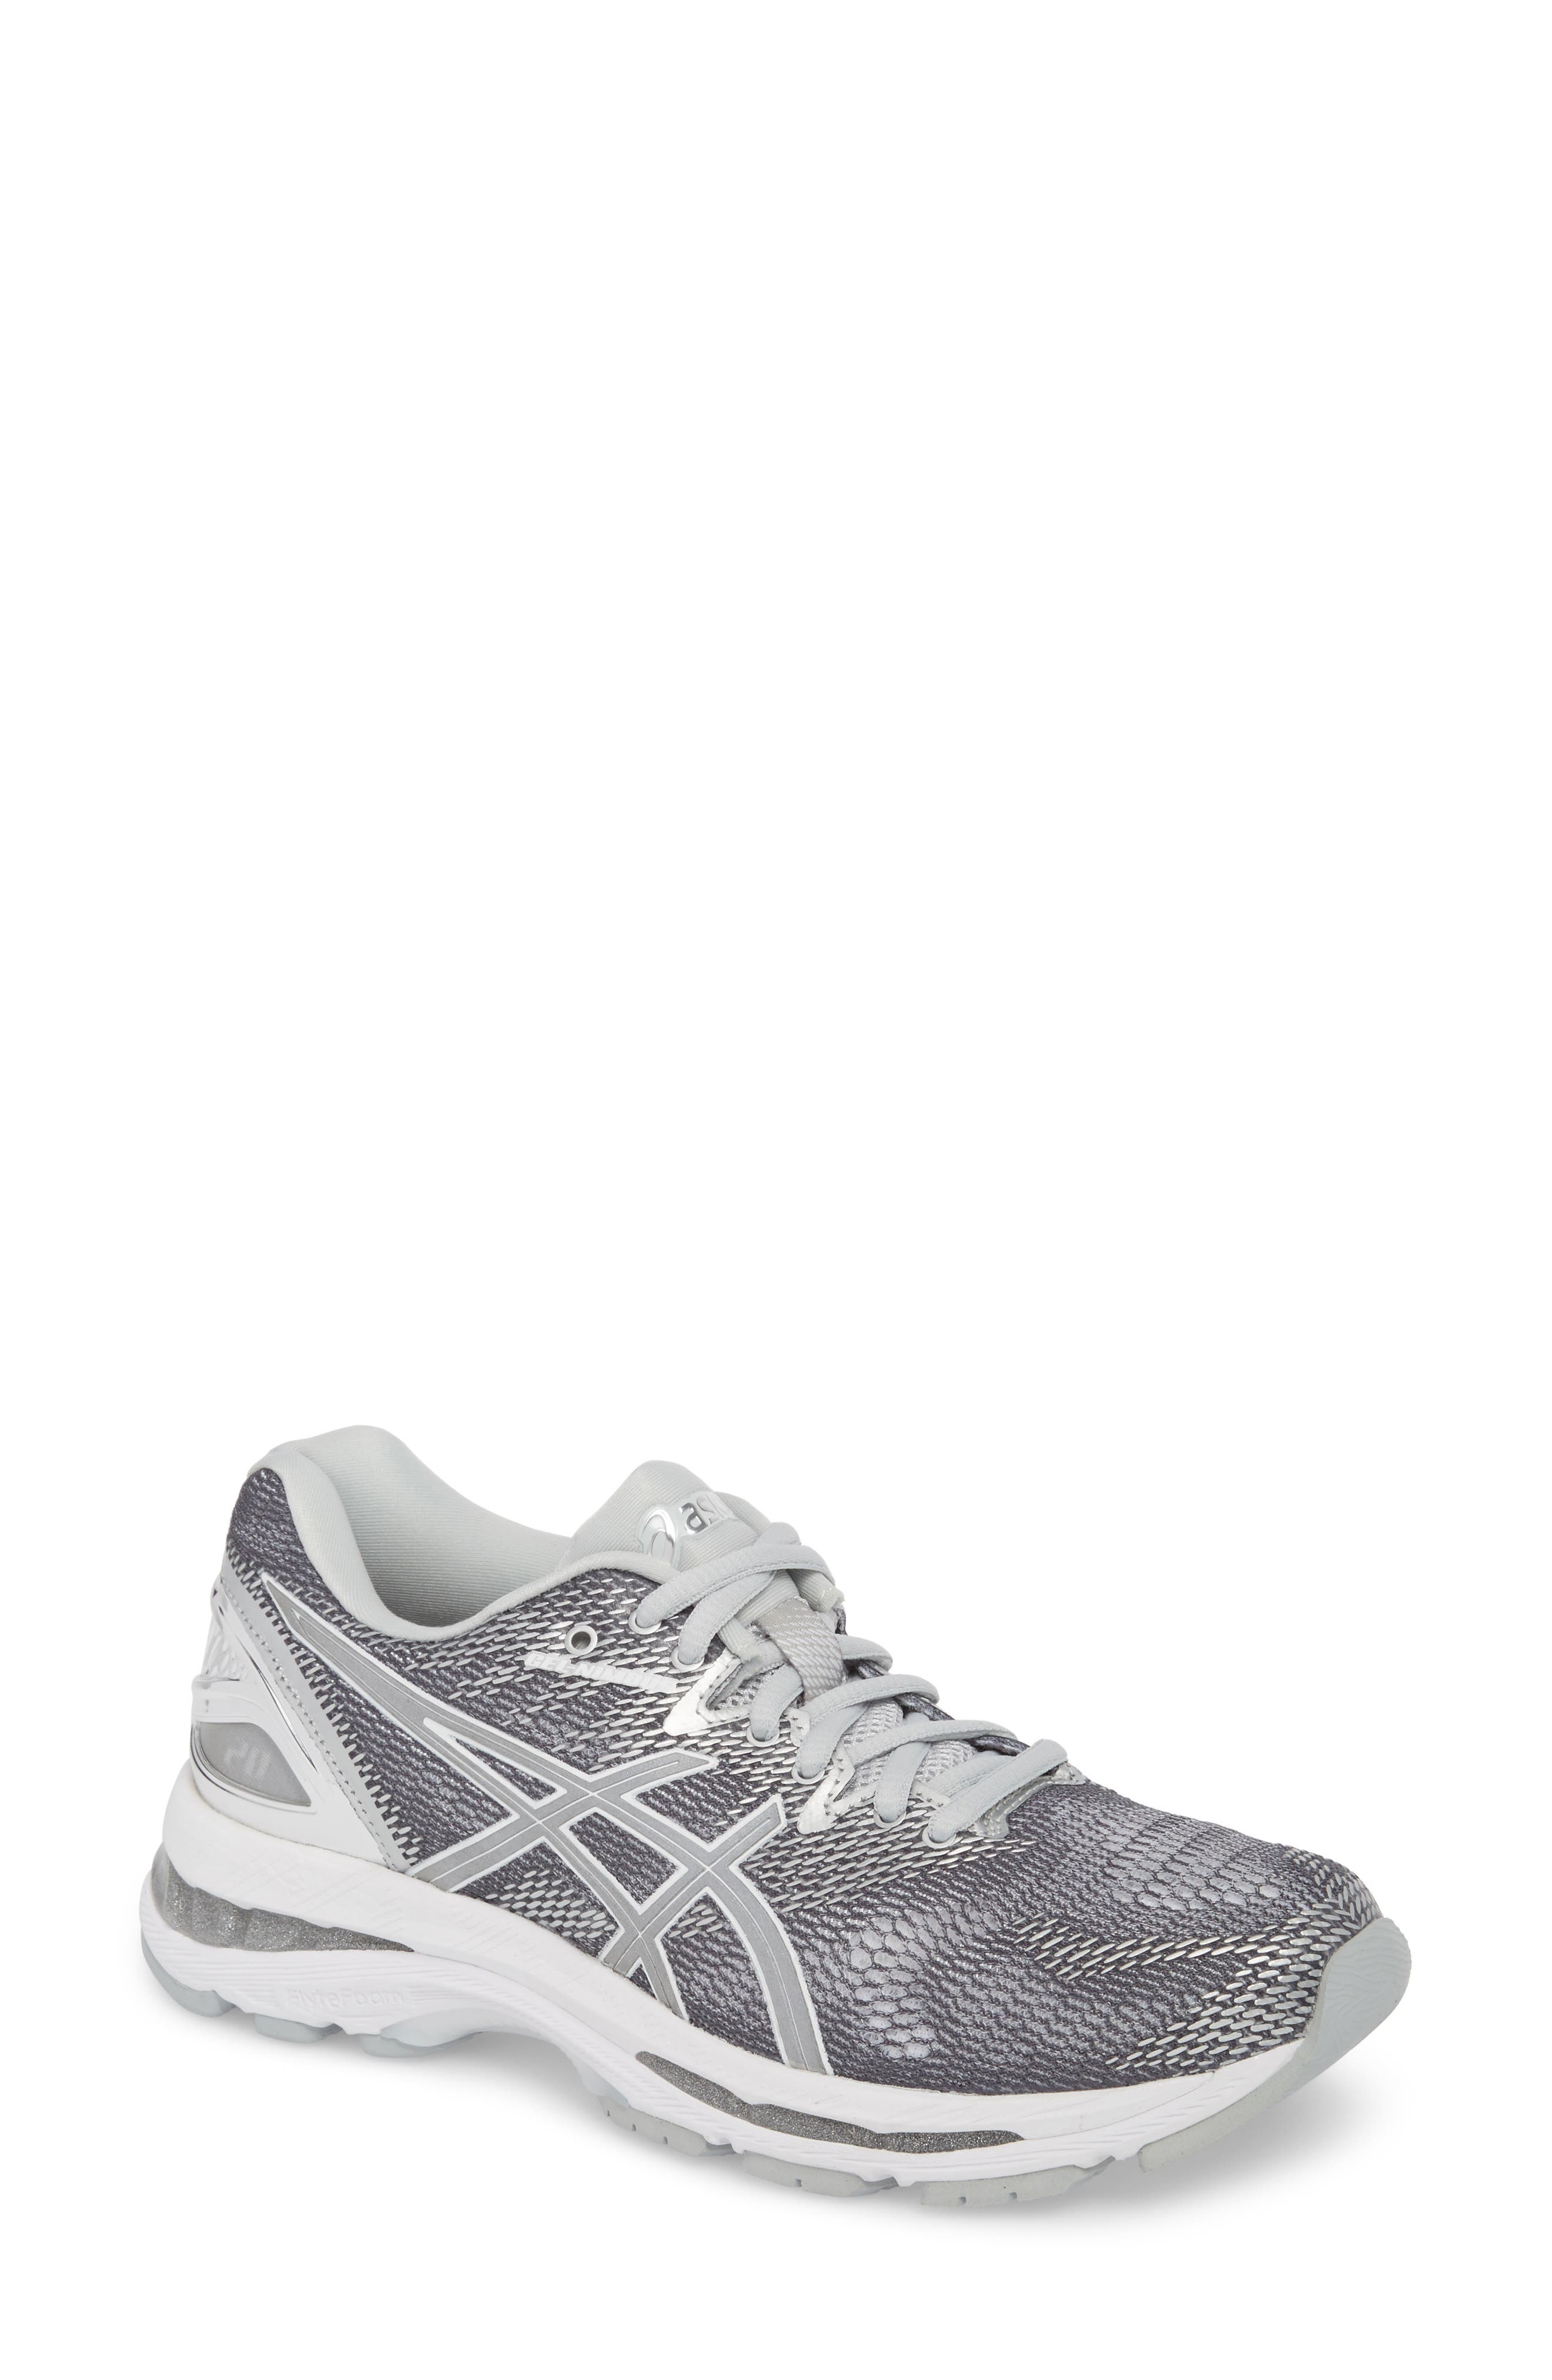 GEL-Nimbus 20 Platinum Running Shoe,                         Main,                         color, 097